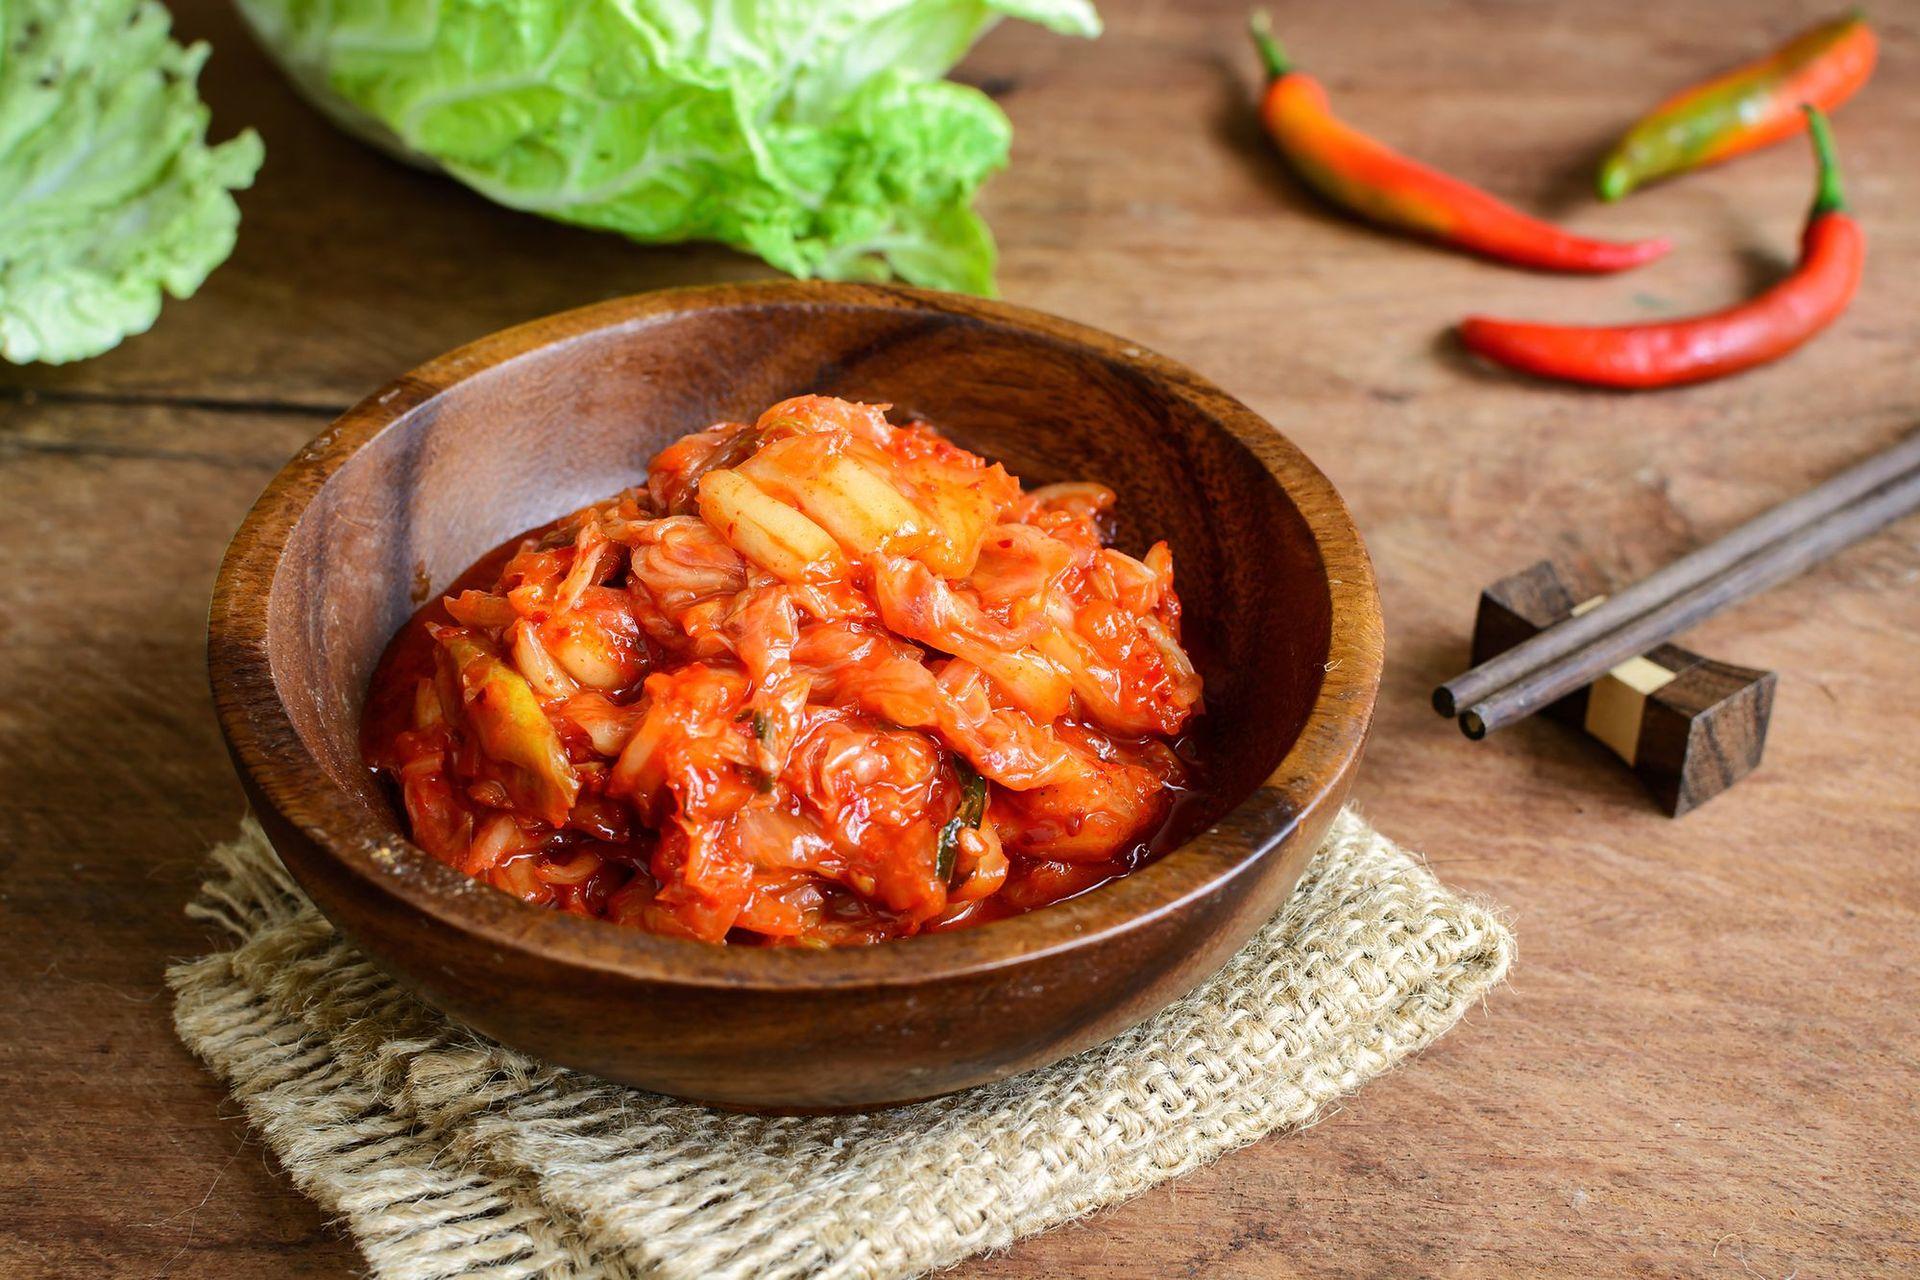 Koreańskie śniadanie Na Dobry Początek Dnia śniadania W Różnych Zakątkach świata Wp Kuchnia